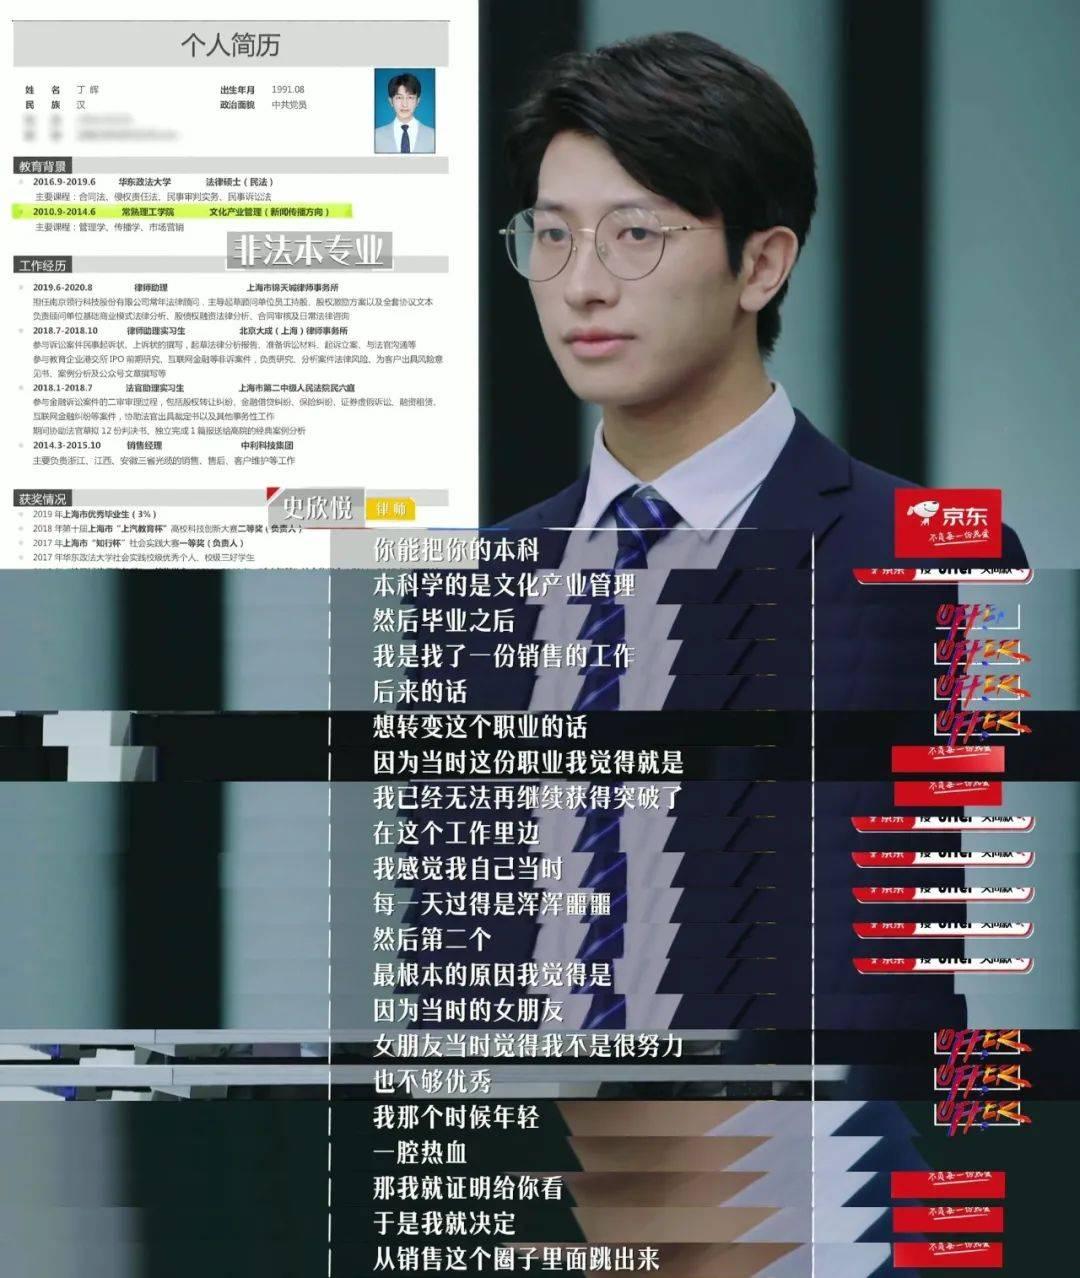 中国足协:明确防疫规定,确保中超比赛不发生一例感染